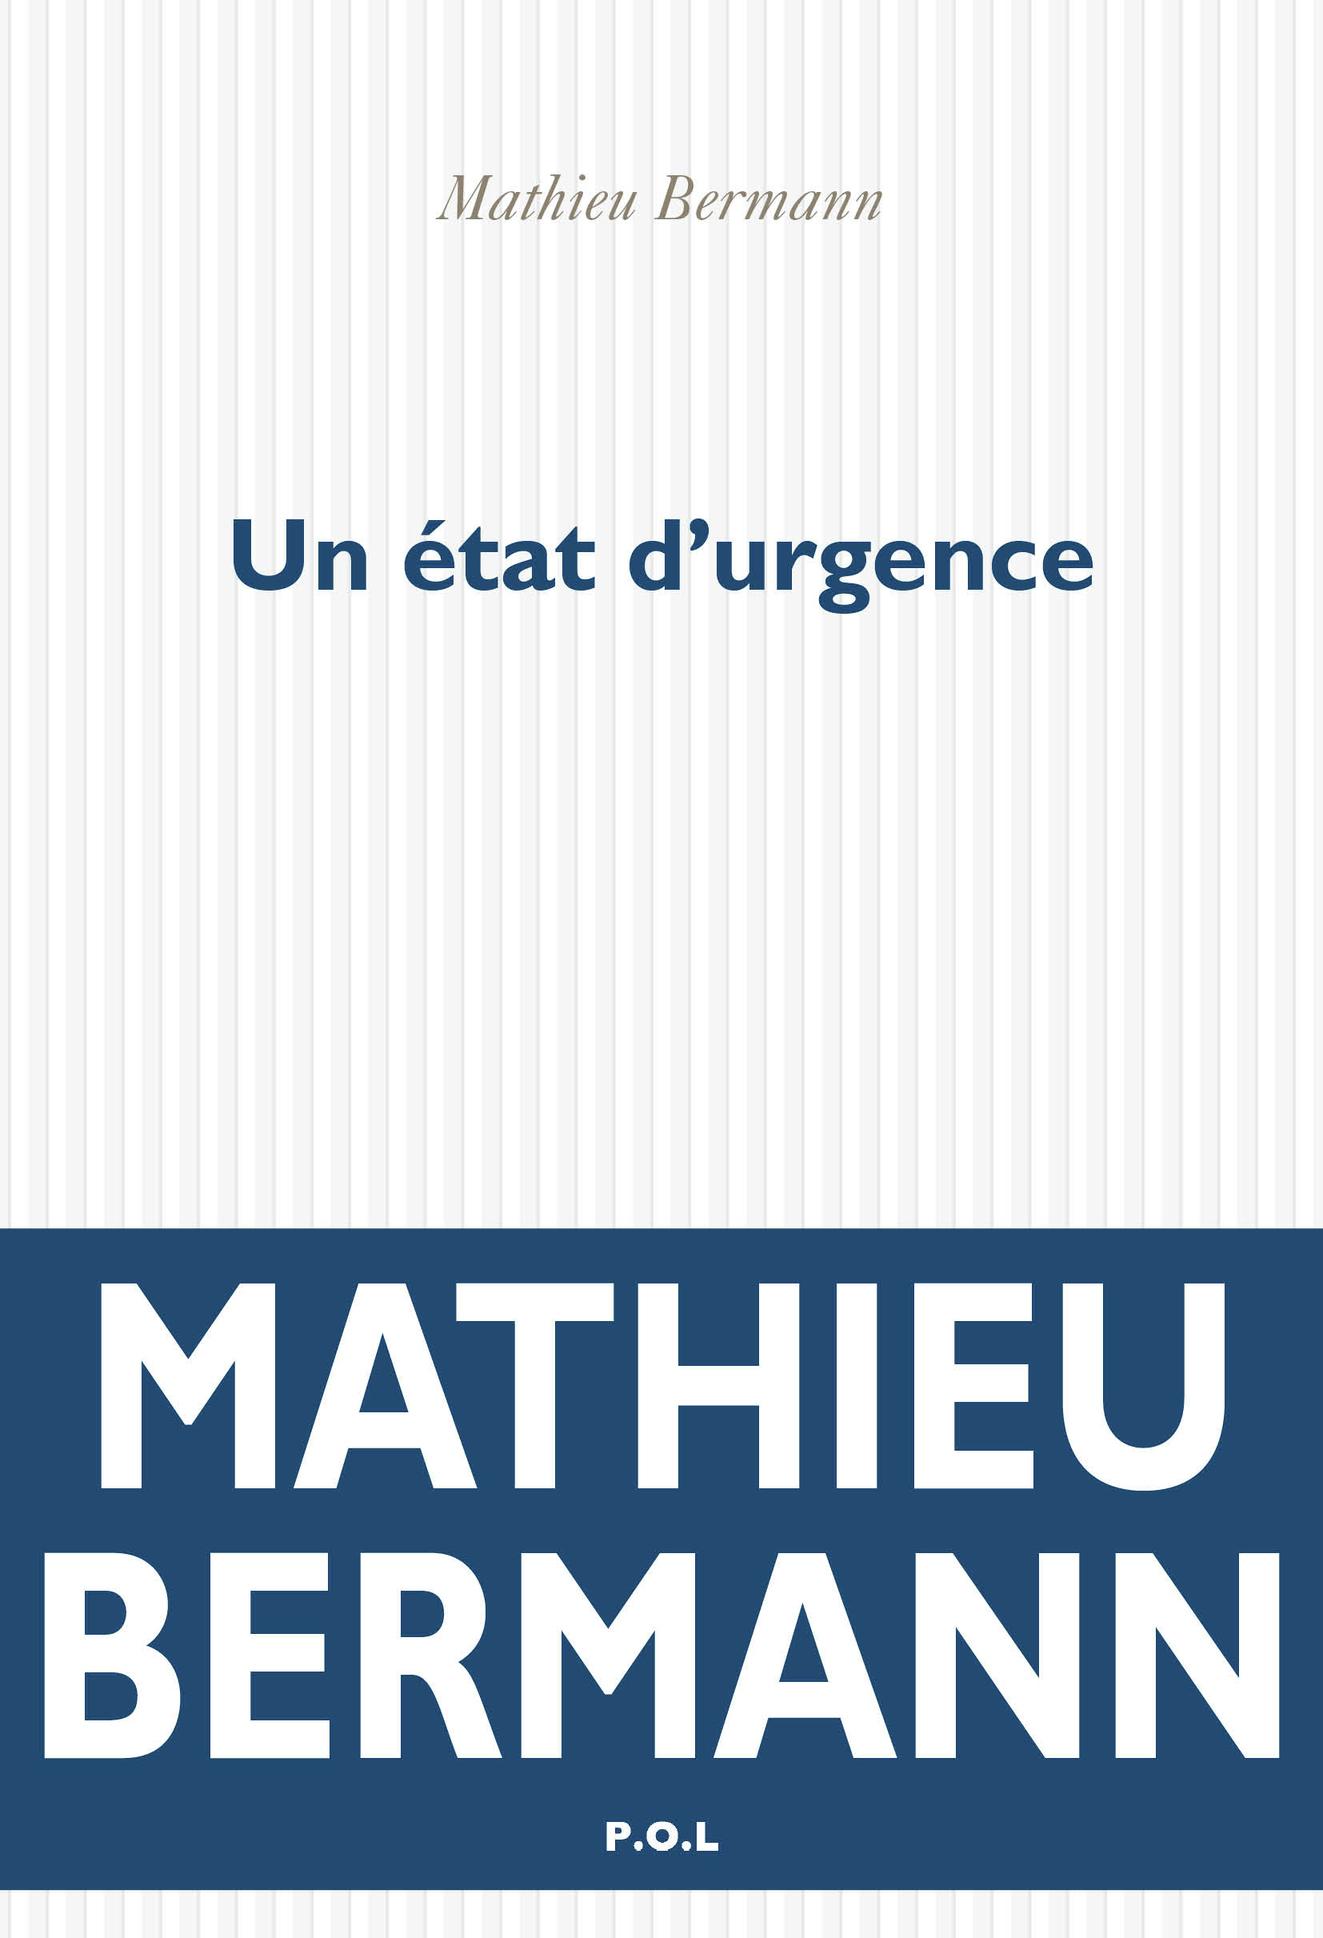 UN ETAT D'URGENCE